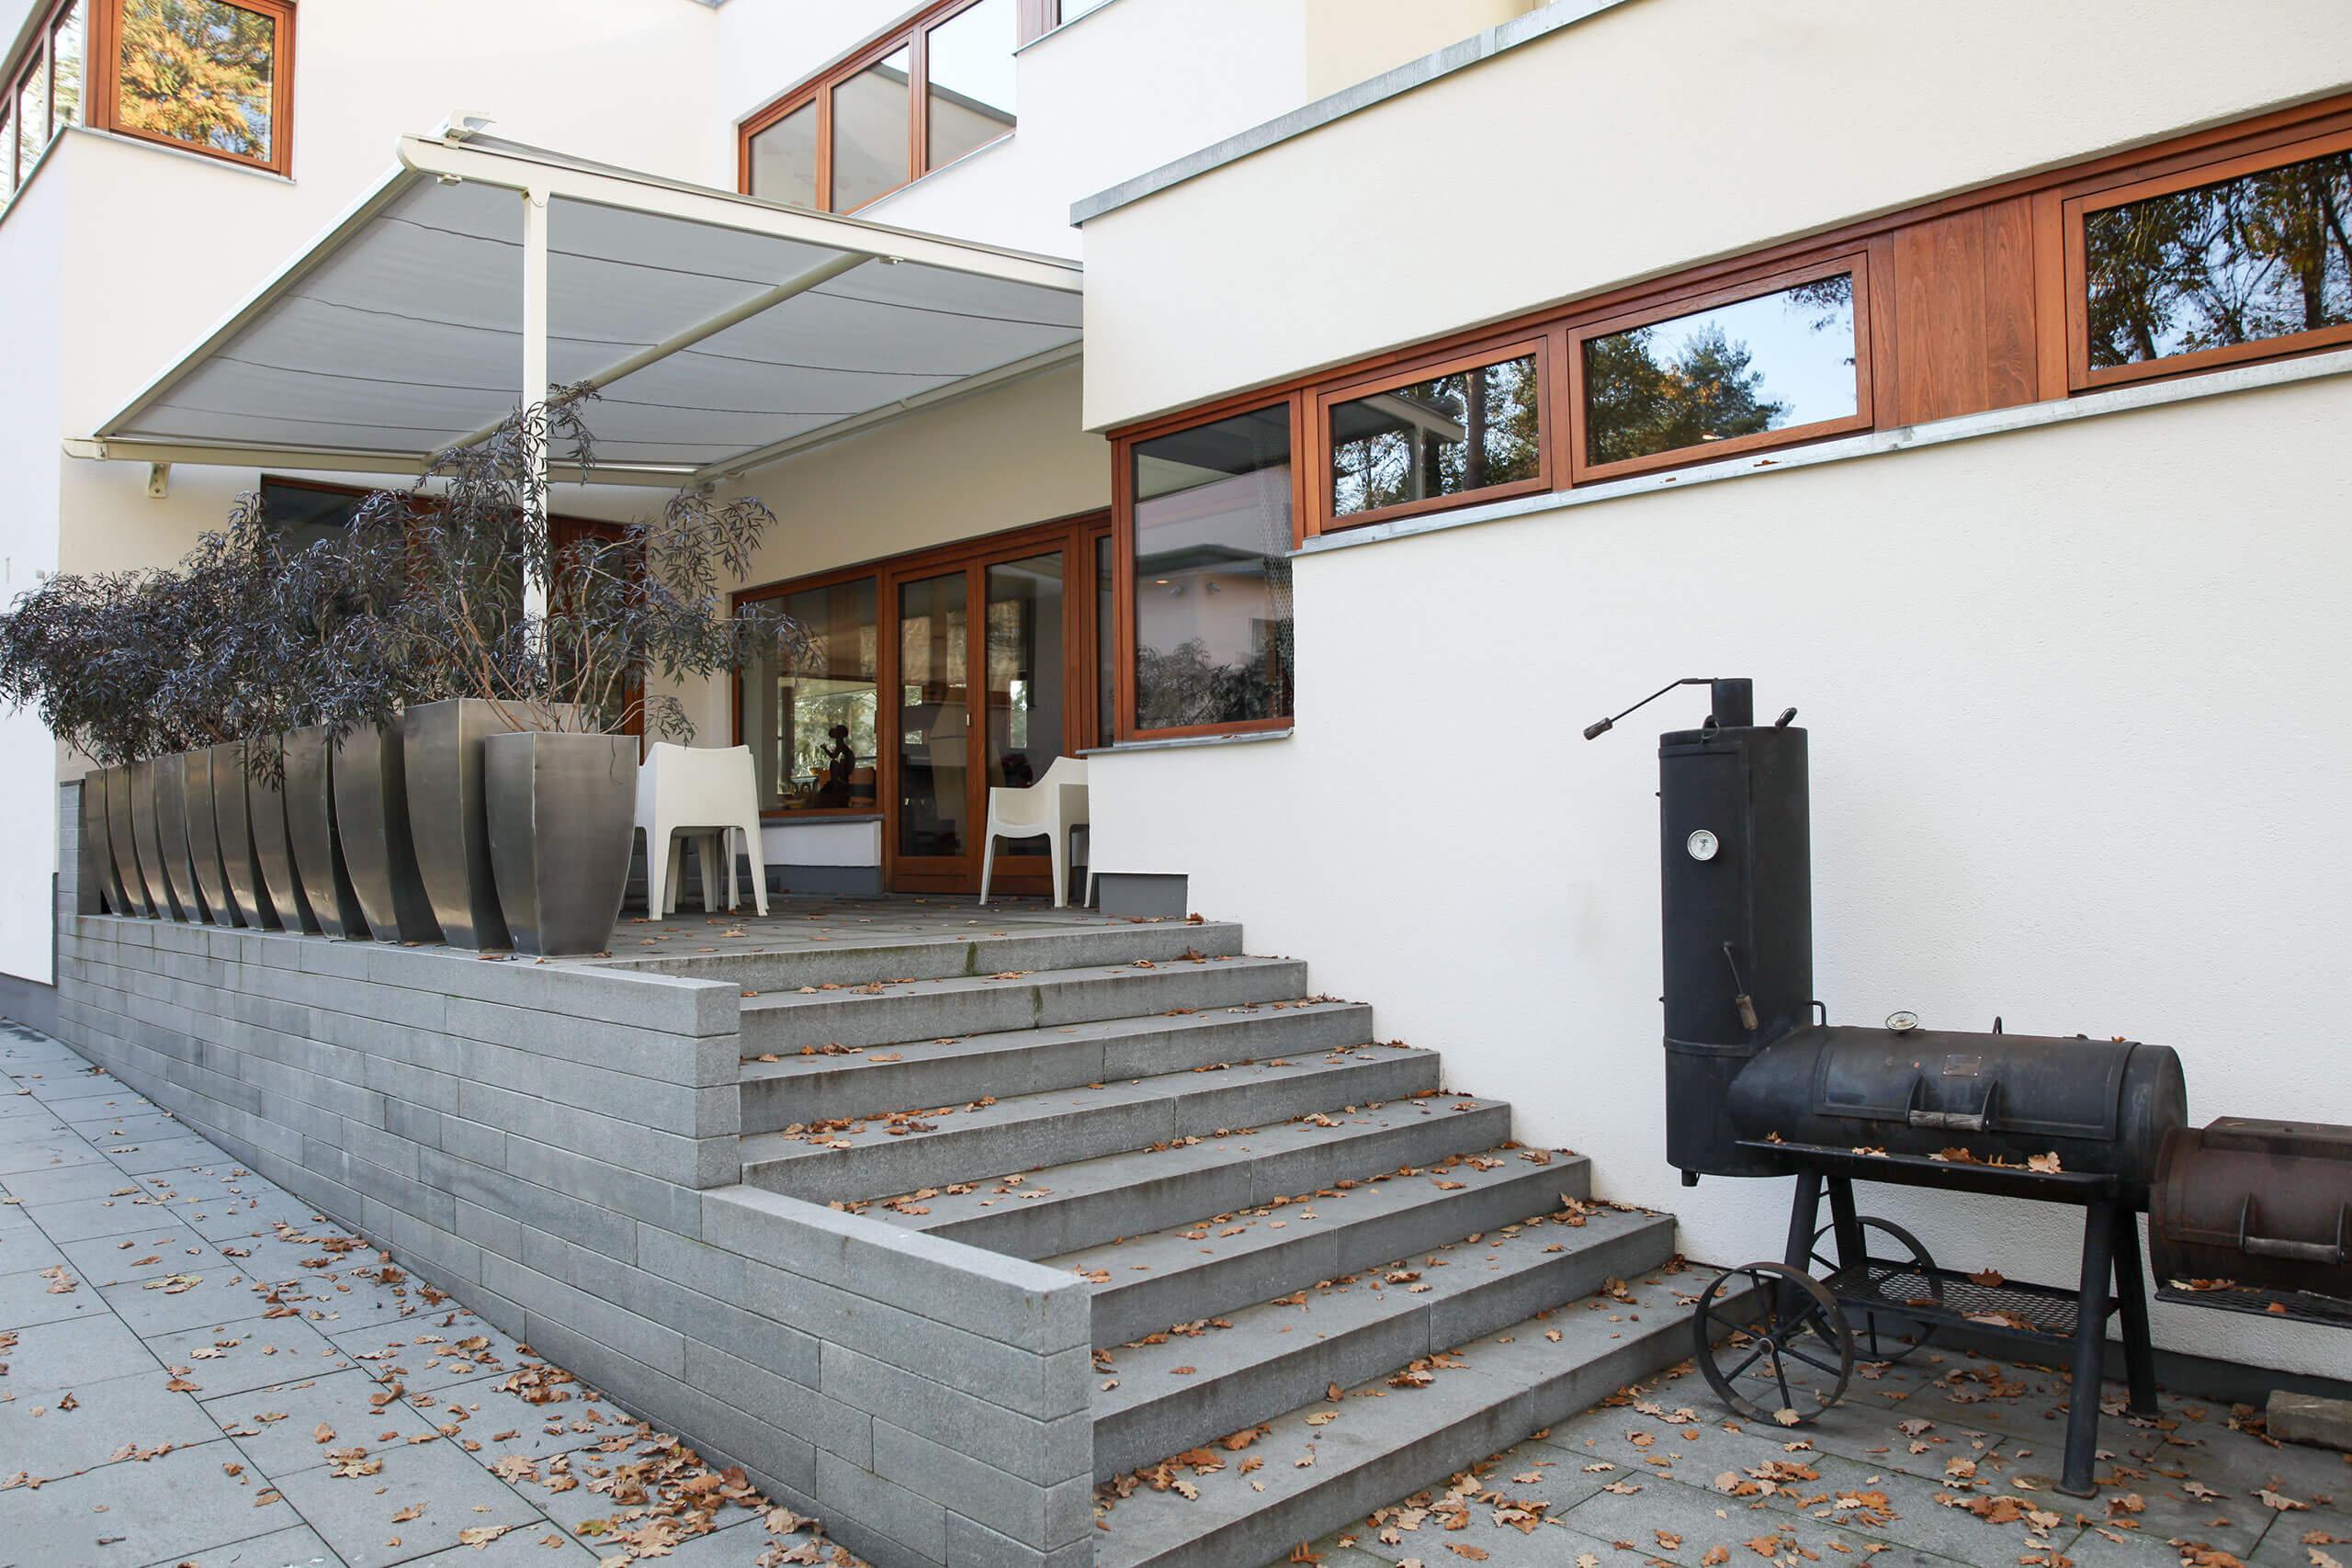 Pergola Markise Dezent Leicht Und Stabil Adler Wohndesign